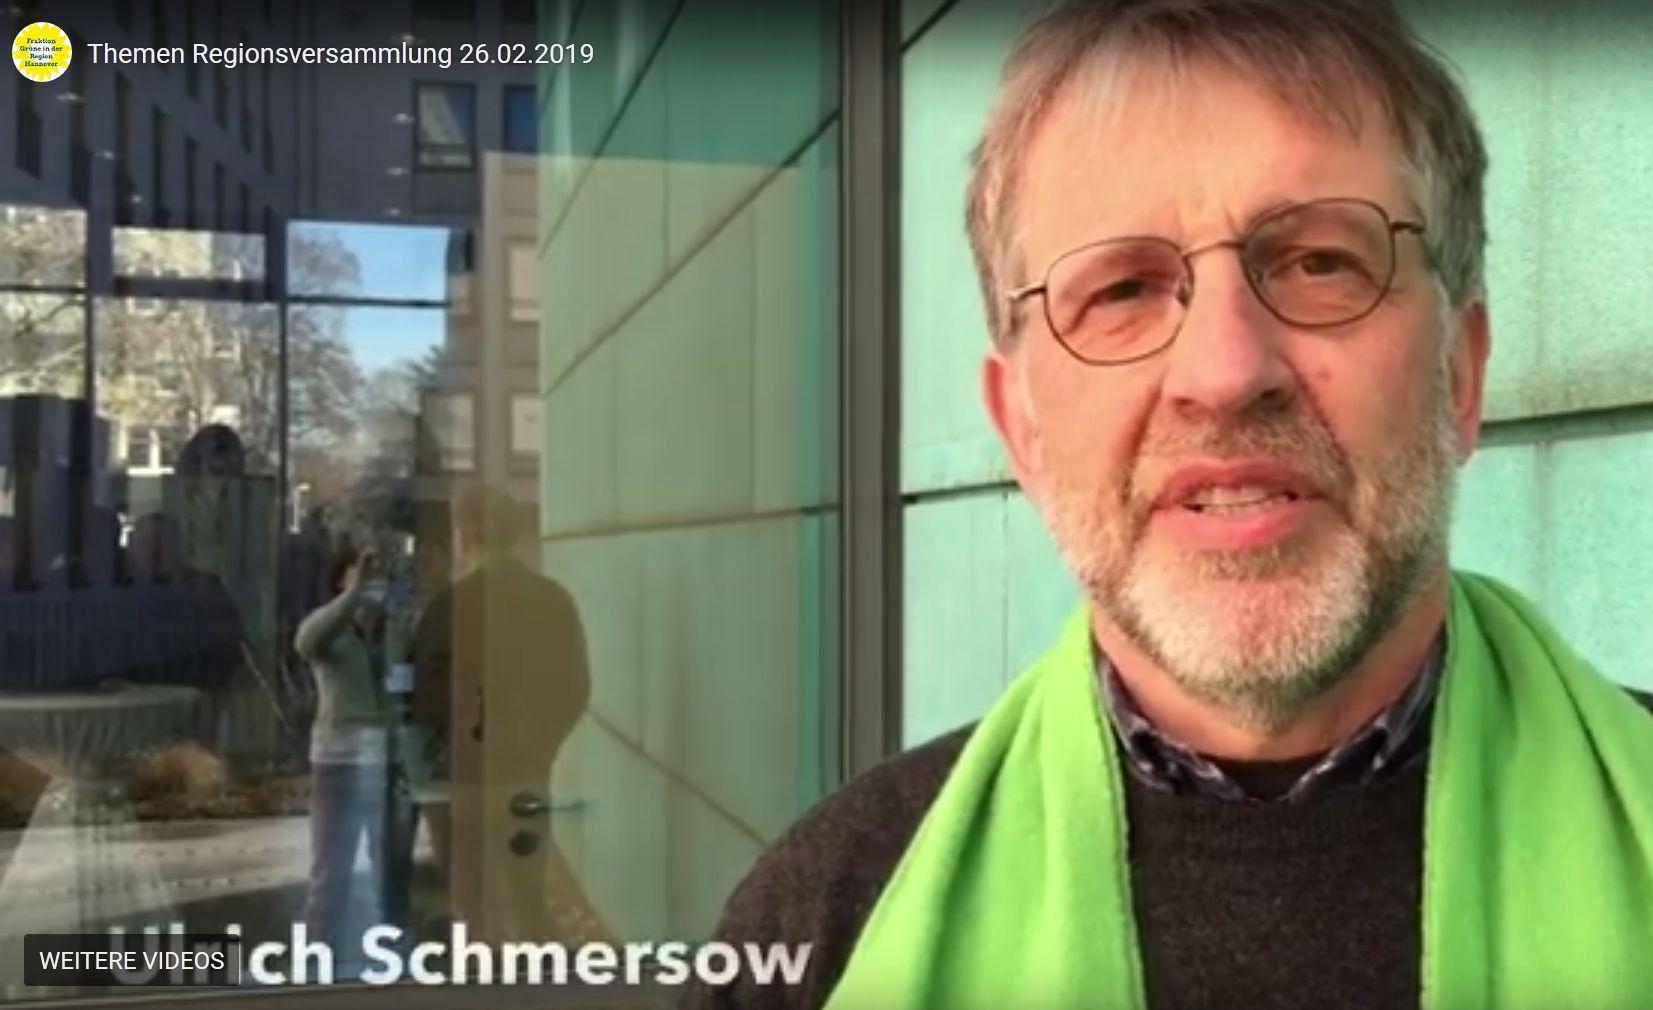 Themen der grünen Regionsfraktion am 26.2.19